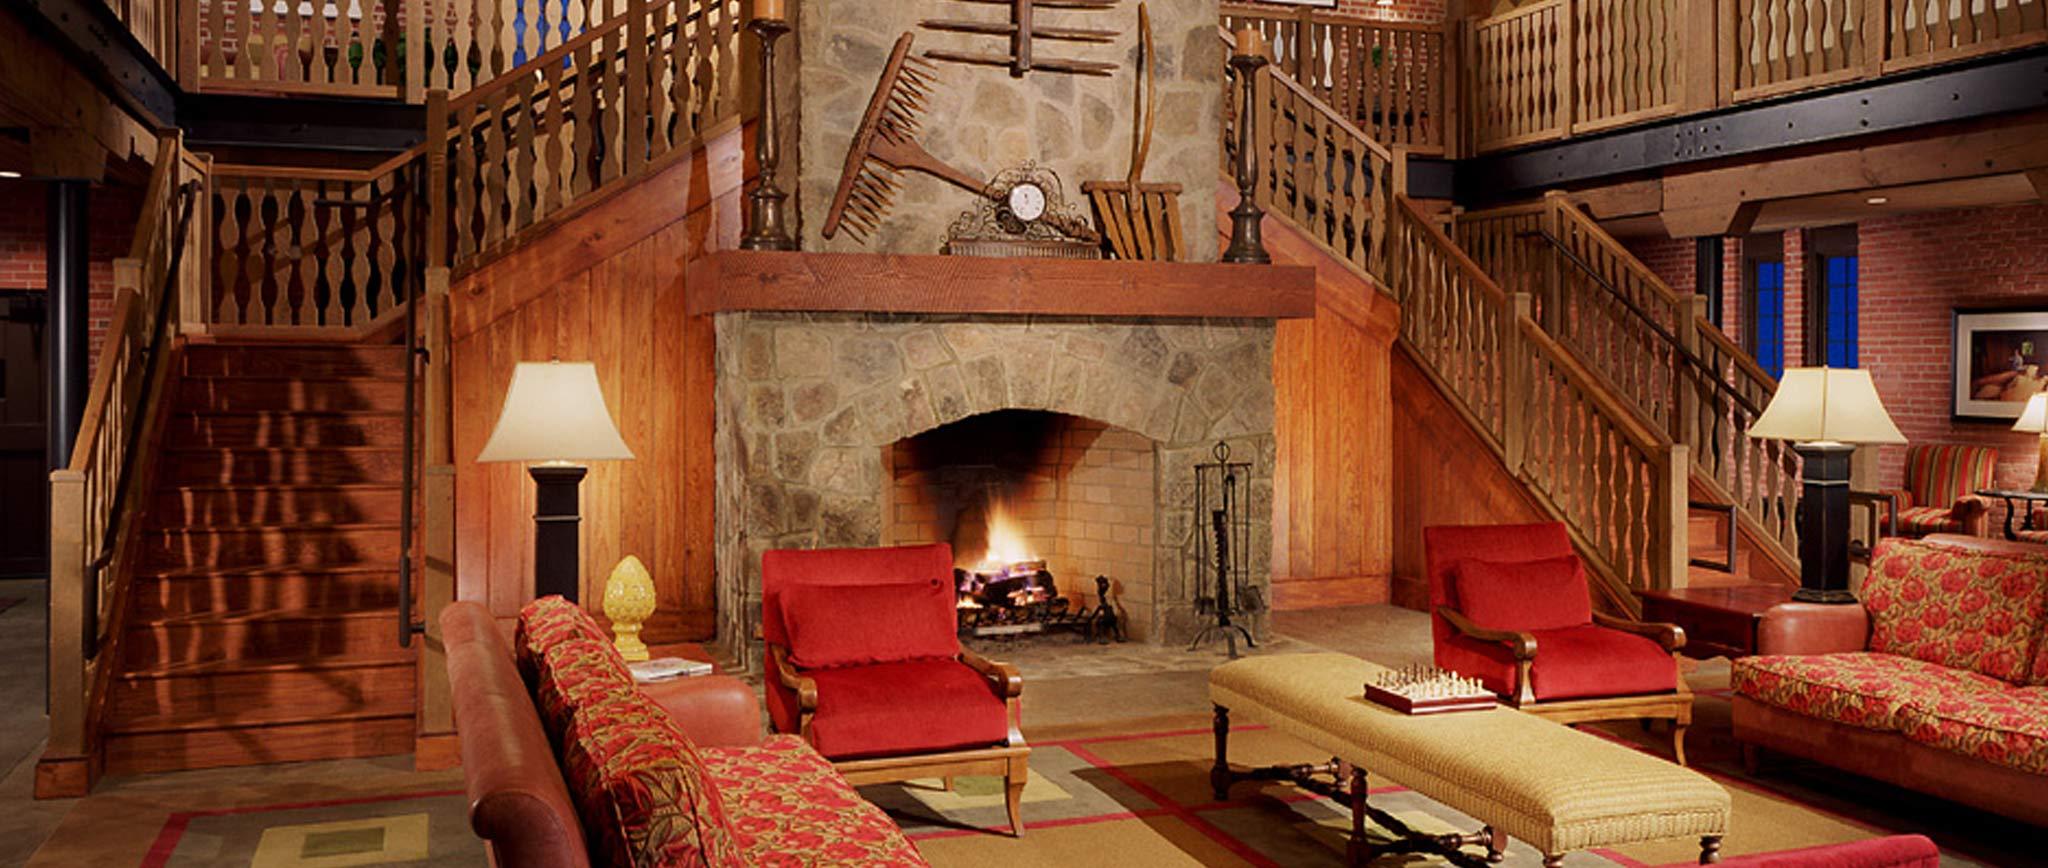 fire-place.jpg